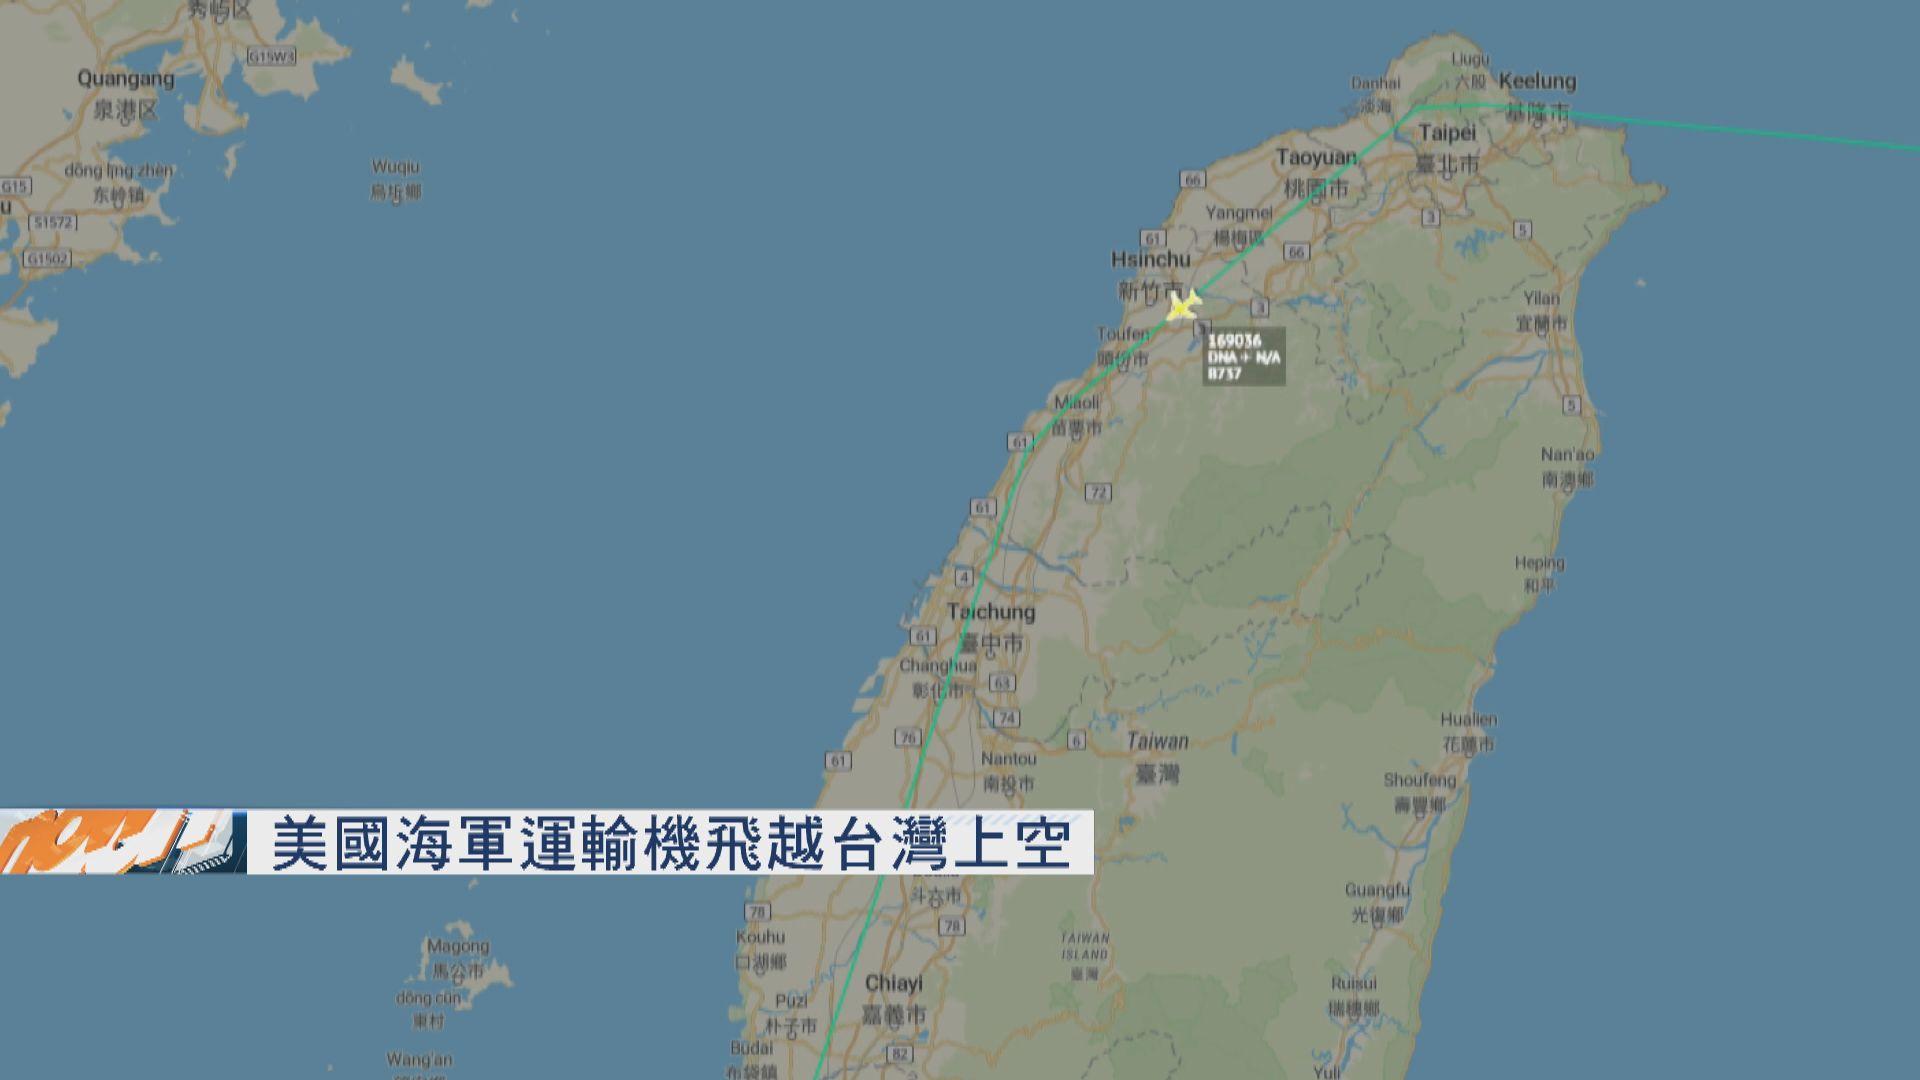 美軍運輸機經過台灣上空 學者料美軍故意打開訊號